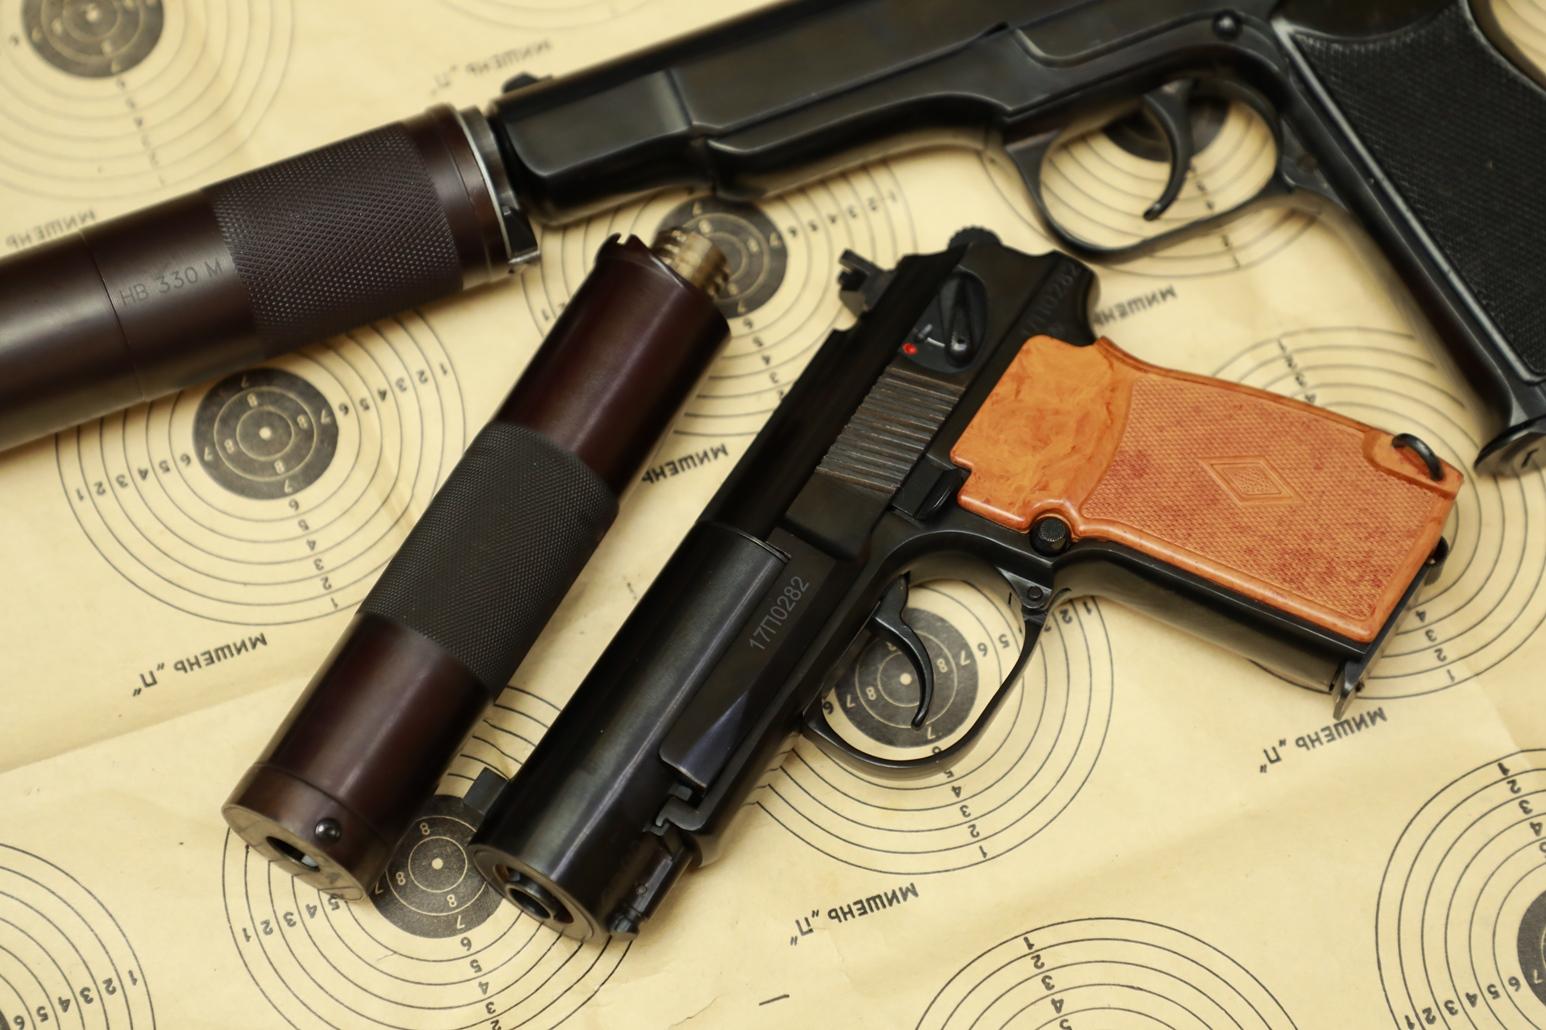 Охолощенный пистолет ПБ Р-413 №17П0282, современный выпуск